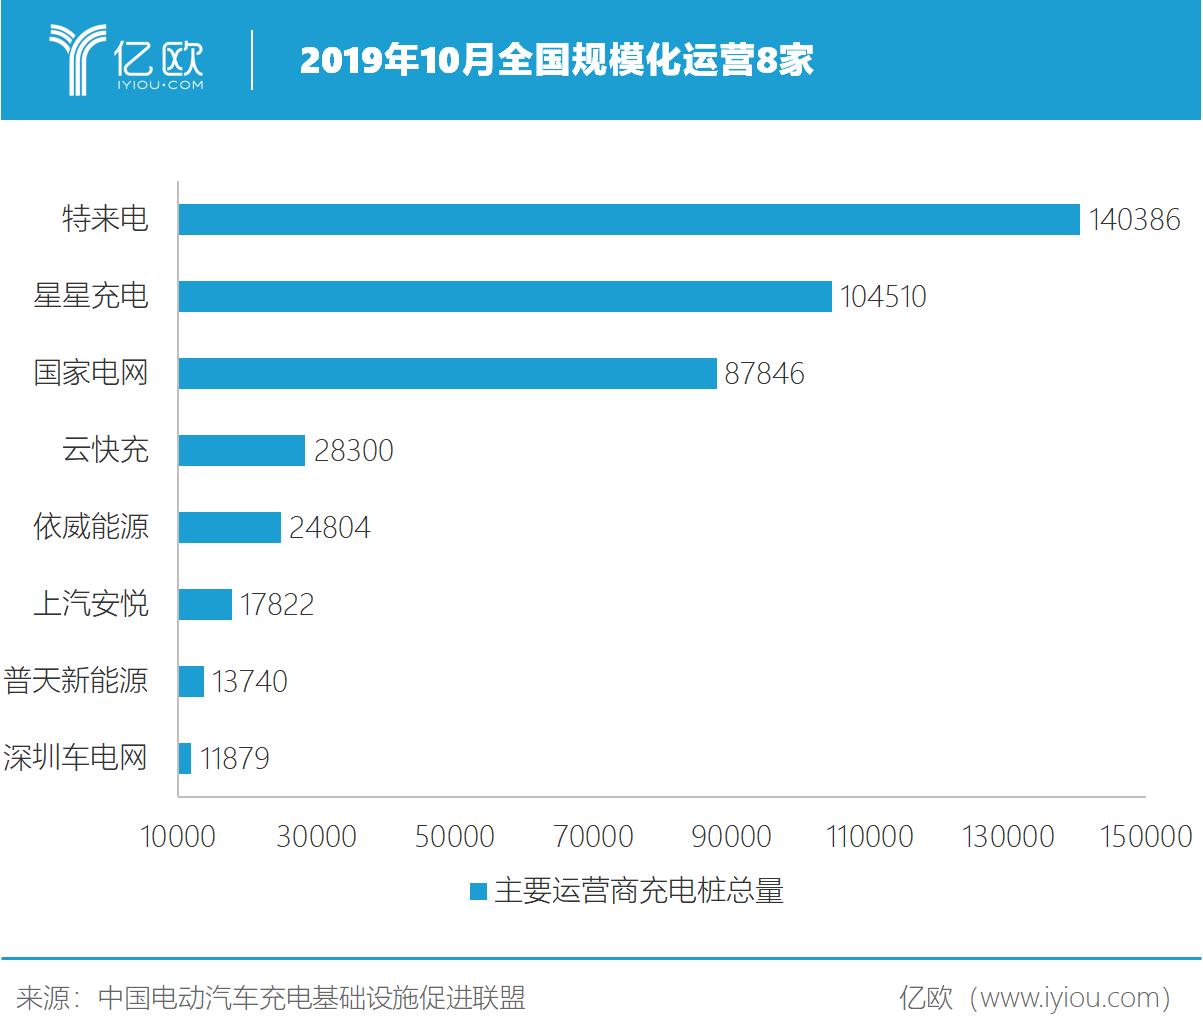 2019年10月全国充电桩规模过万的运营商